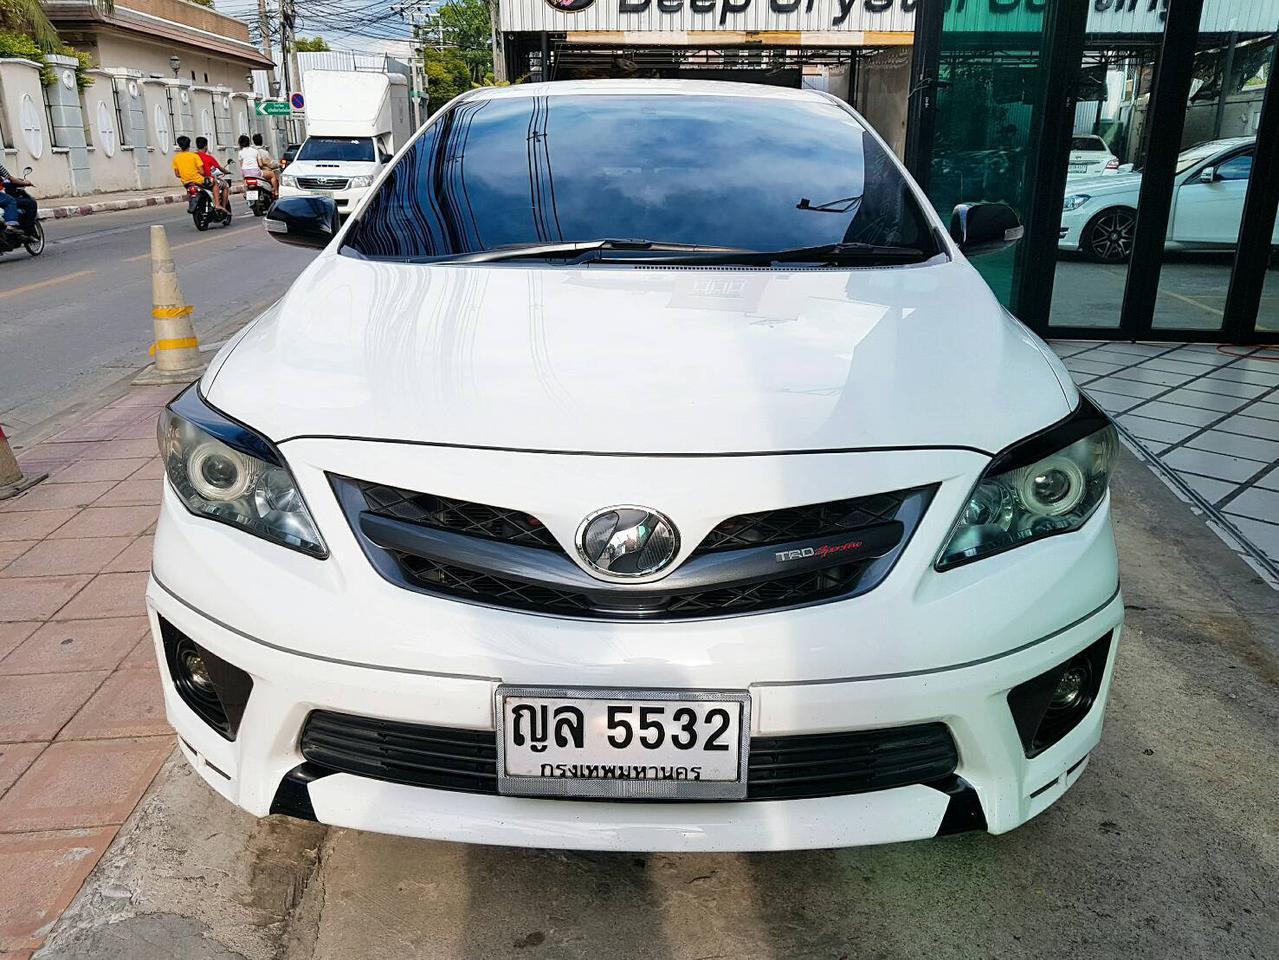 TOYOTA ALTIS SPORTIVO TRD 1.8 รถปี 2011 สีขาว รถบ้าน สวยมากครับ  รูปที่ 1